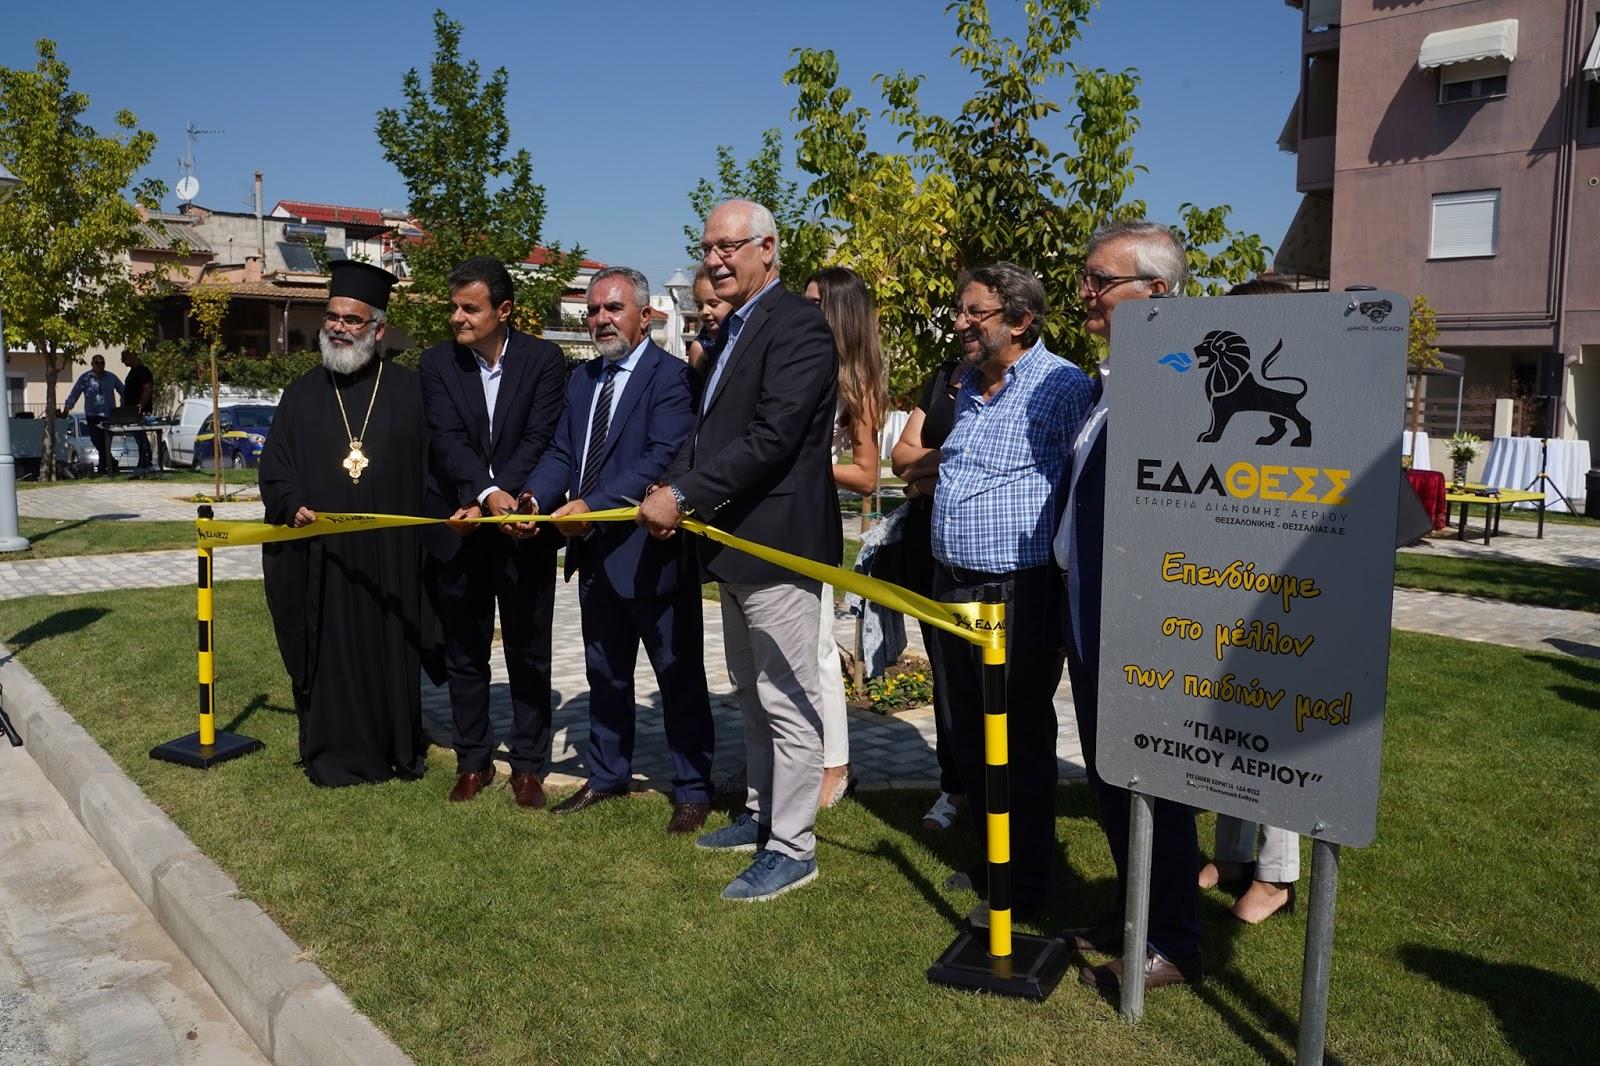 """Εγκαινιάστηκε το """"Πάρκο Φυσικού Αερίου"""" στη Λάρισα (ΦΩΤΟ)"""